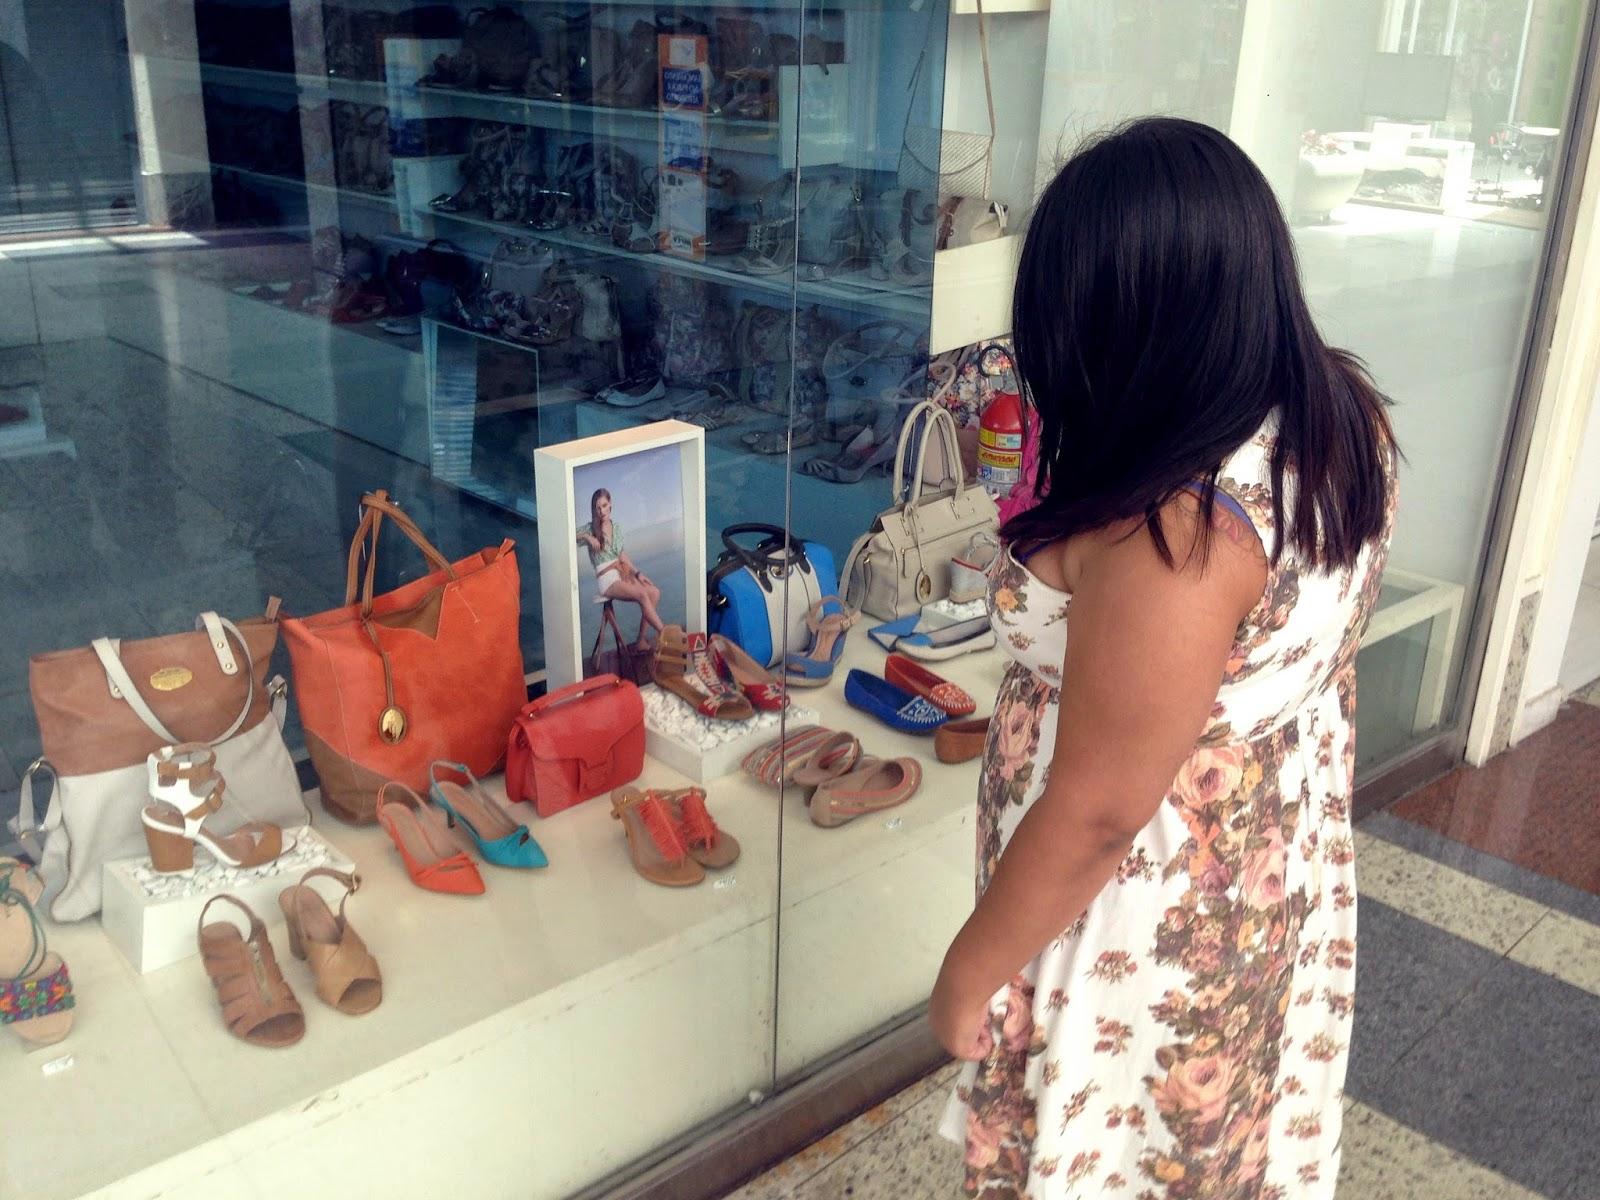 Daiana de Azevedo de Paulo - Shopping plaza macae